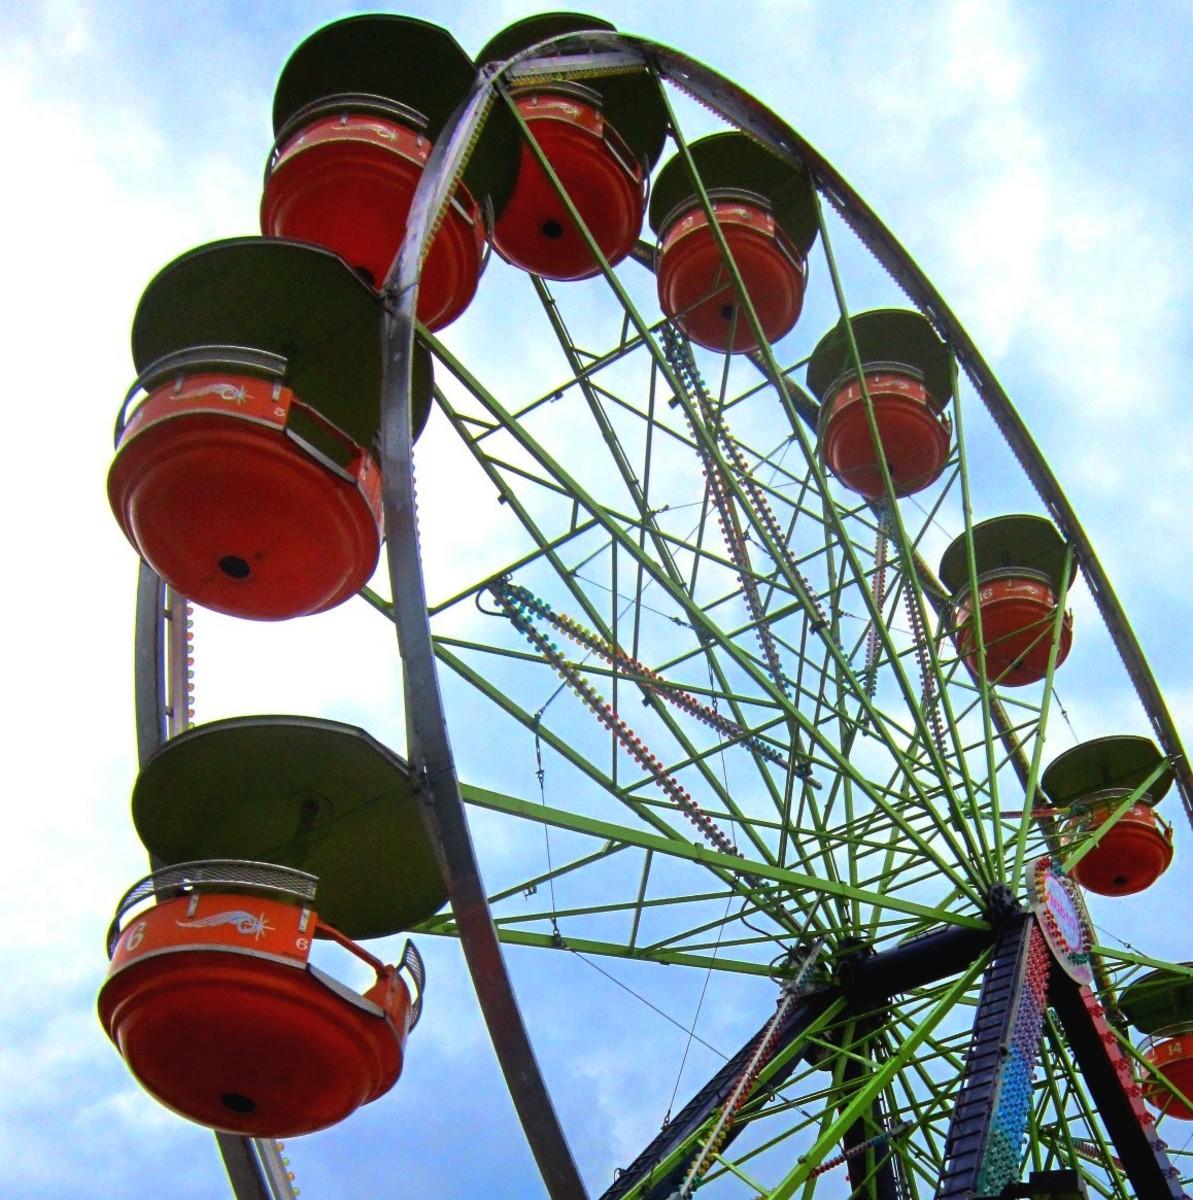 A standard carnival-sized Ferris wheel.